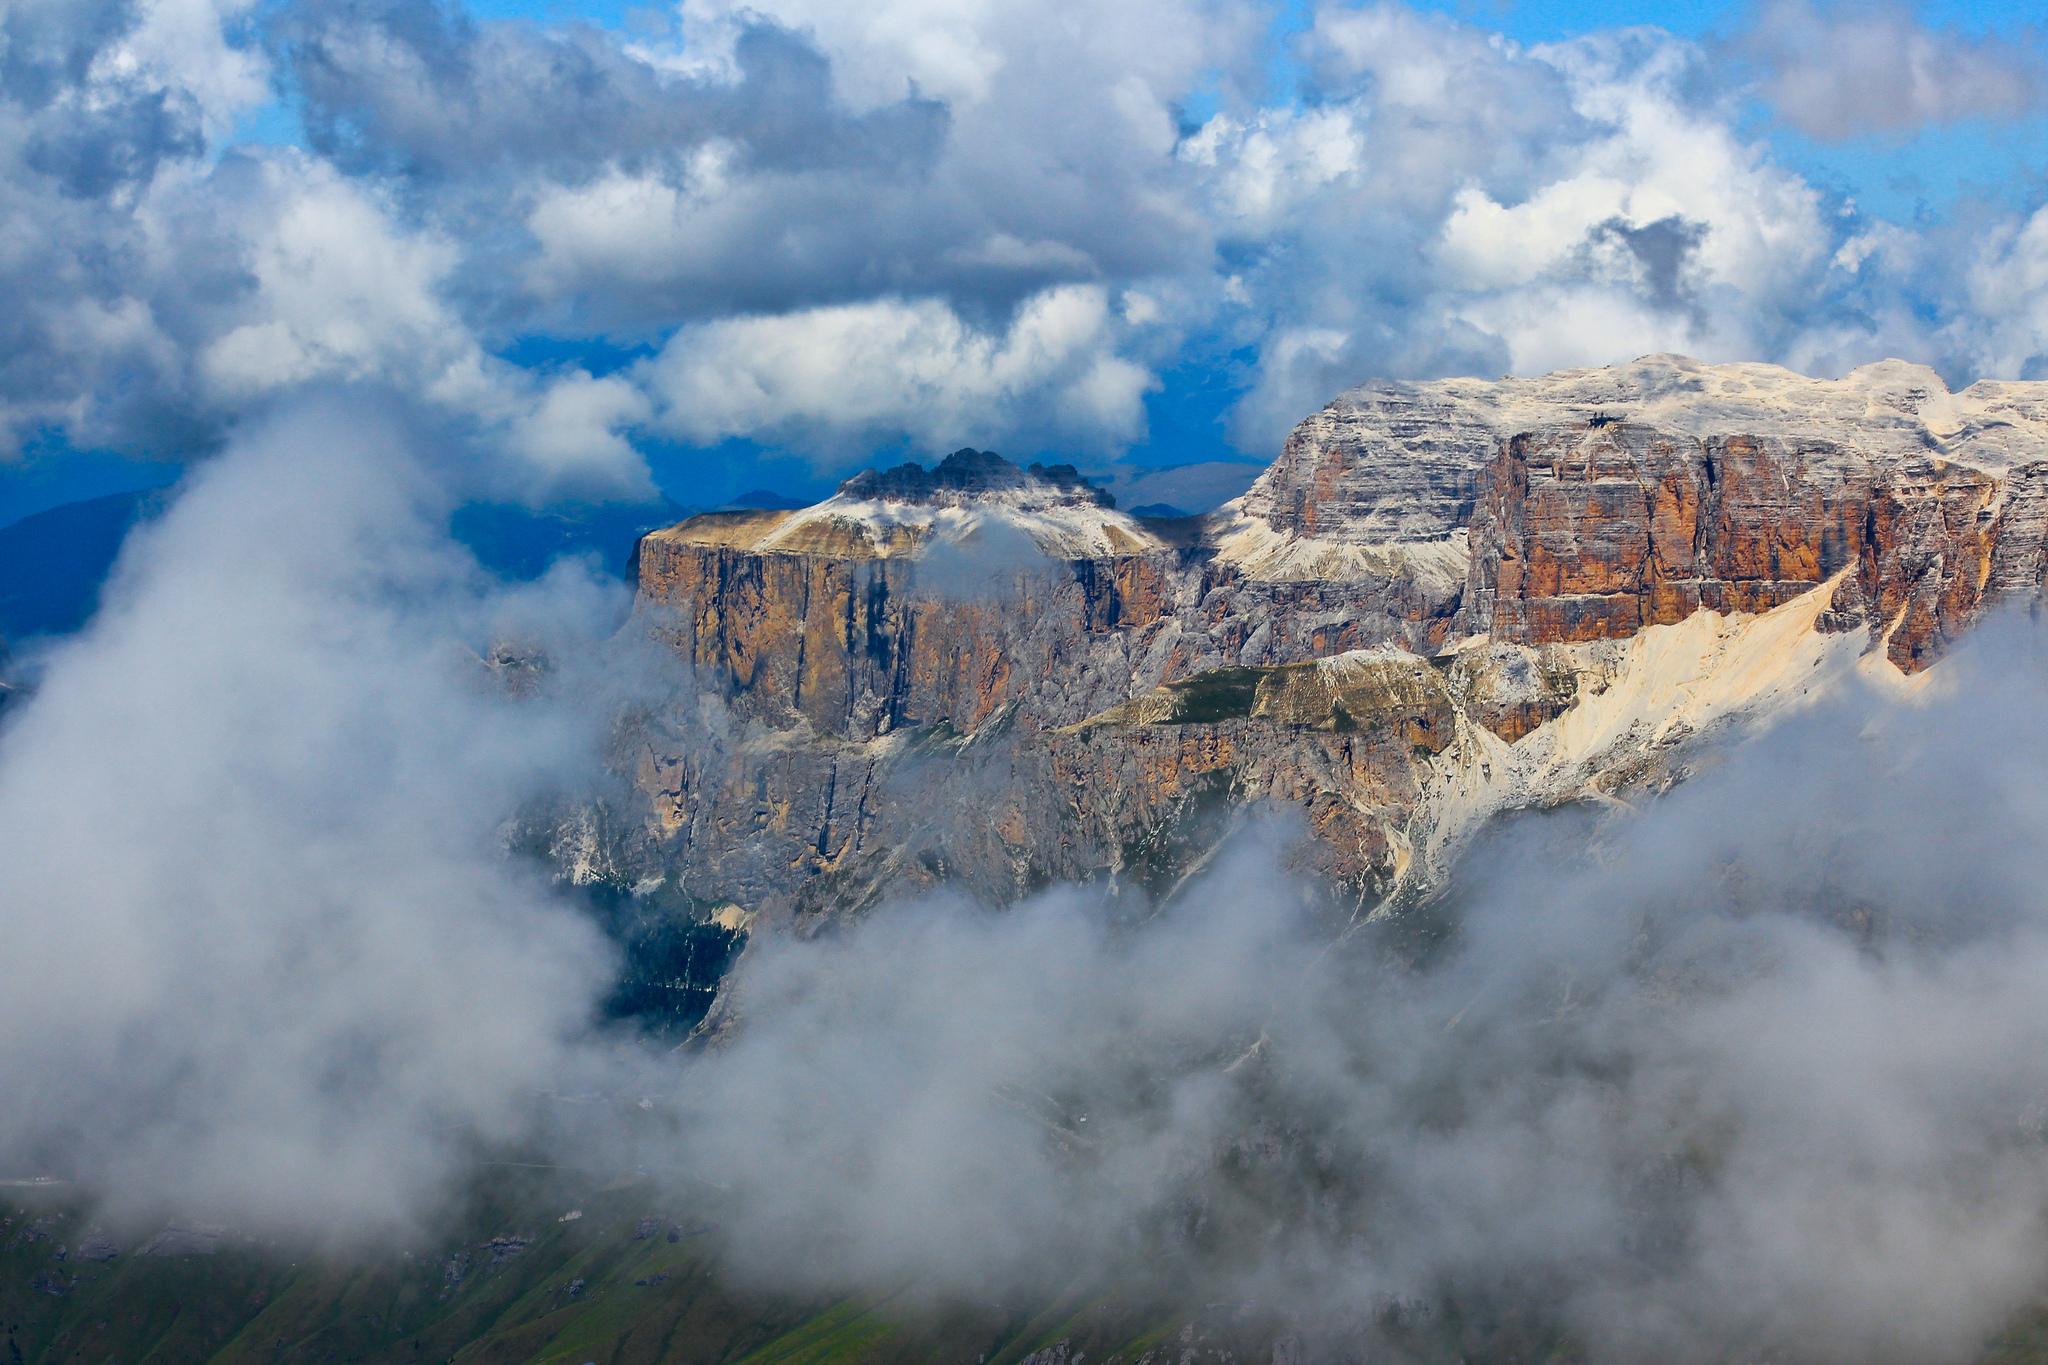 природа небо облака горы скалы  № 514756 бесплатно